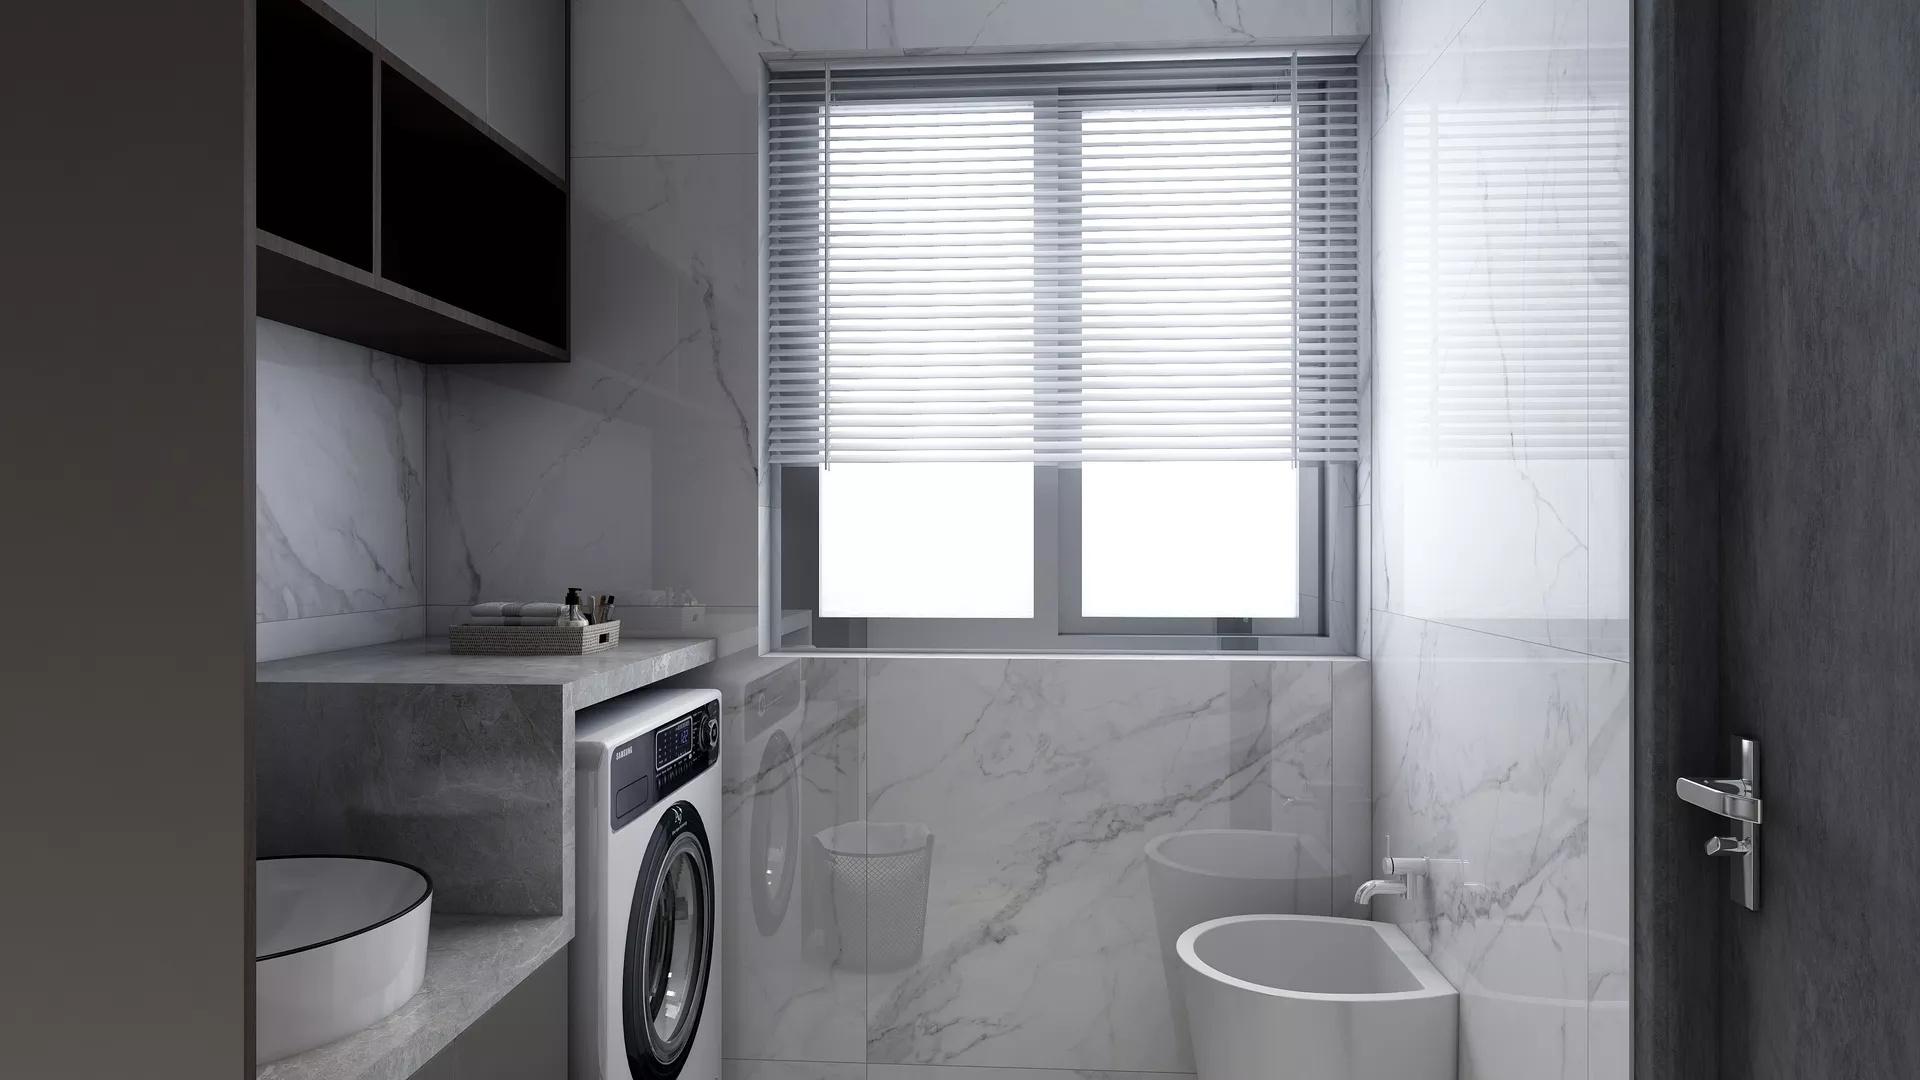 单身公寓简约实用型客厅装修效果图